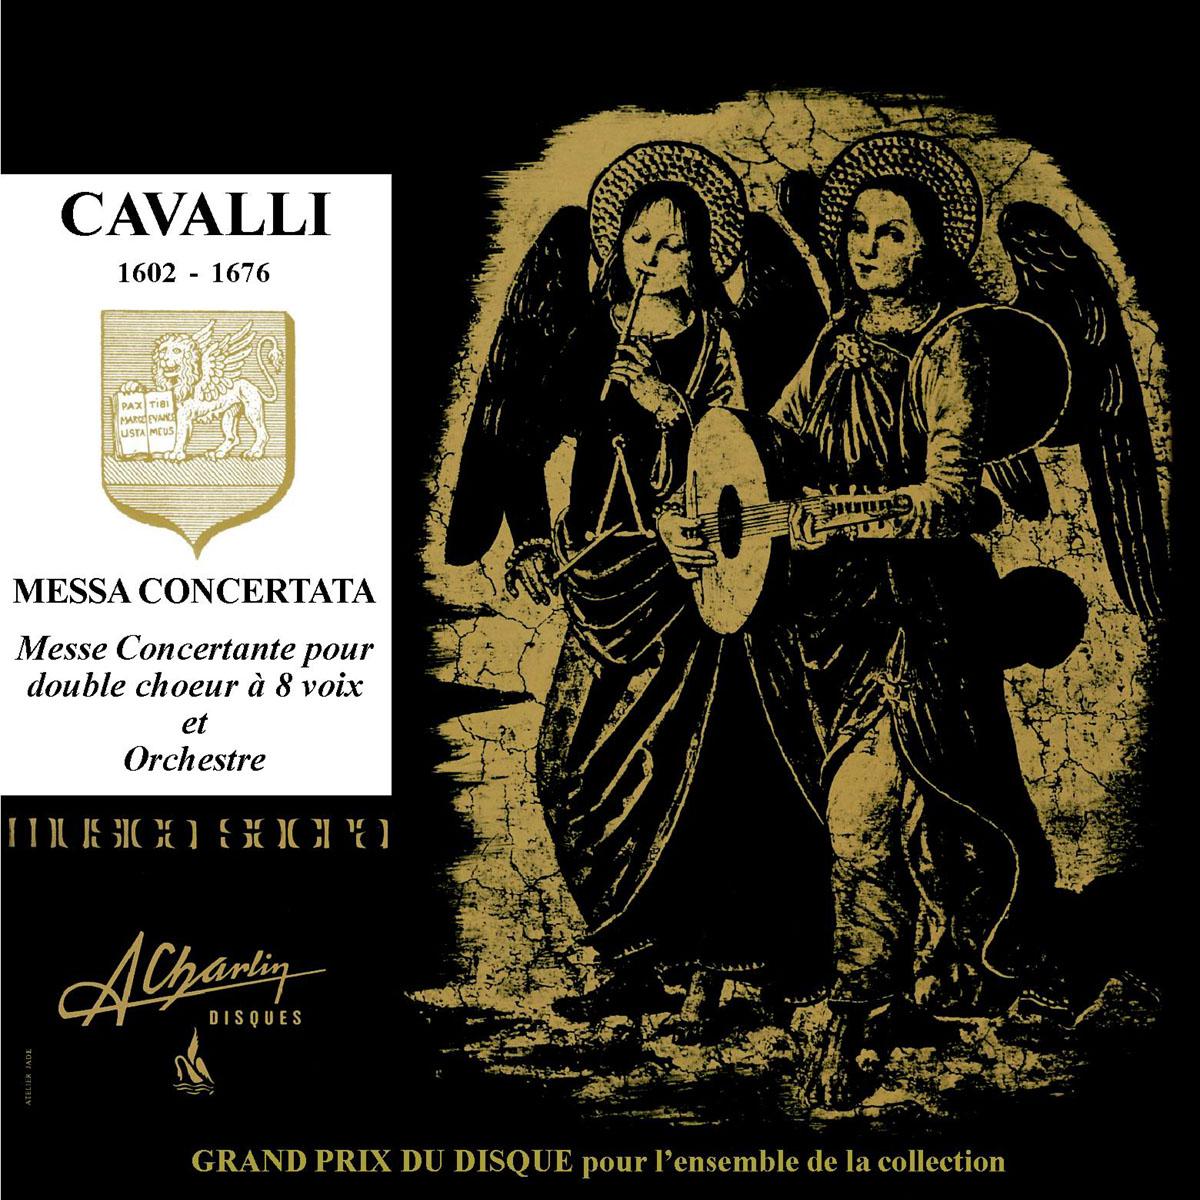 P. F. CAVALLI - AMS 145